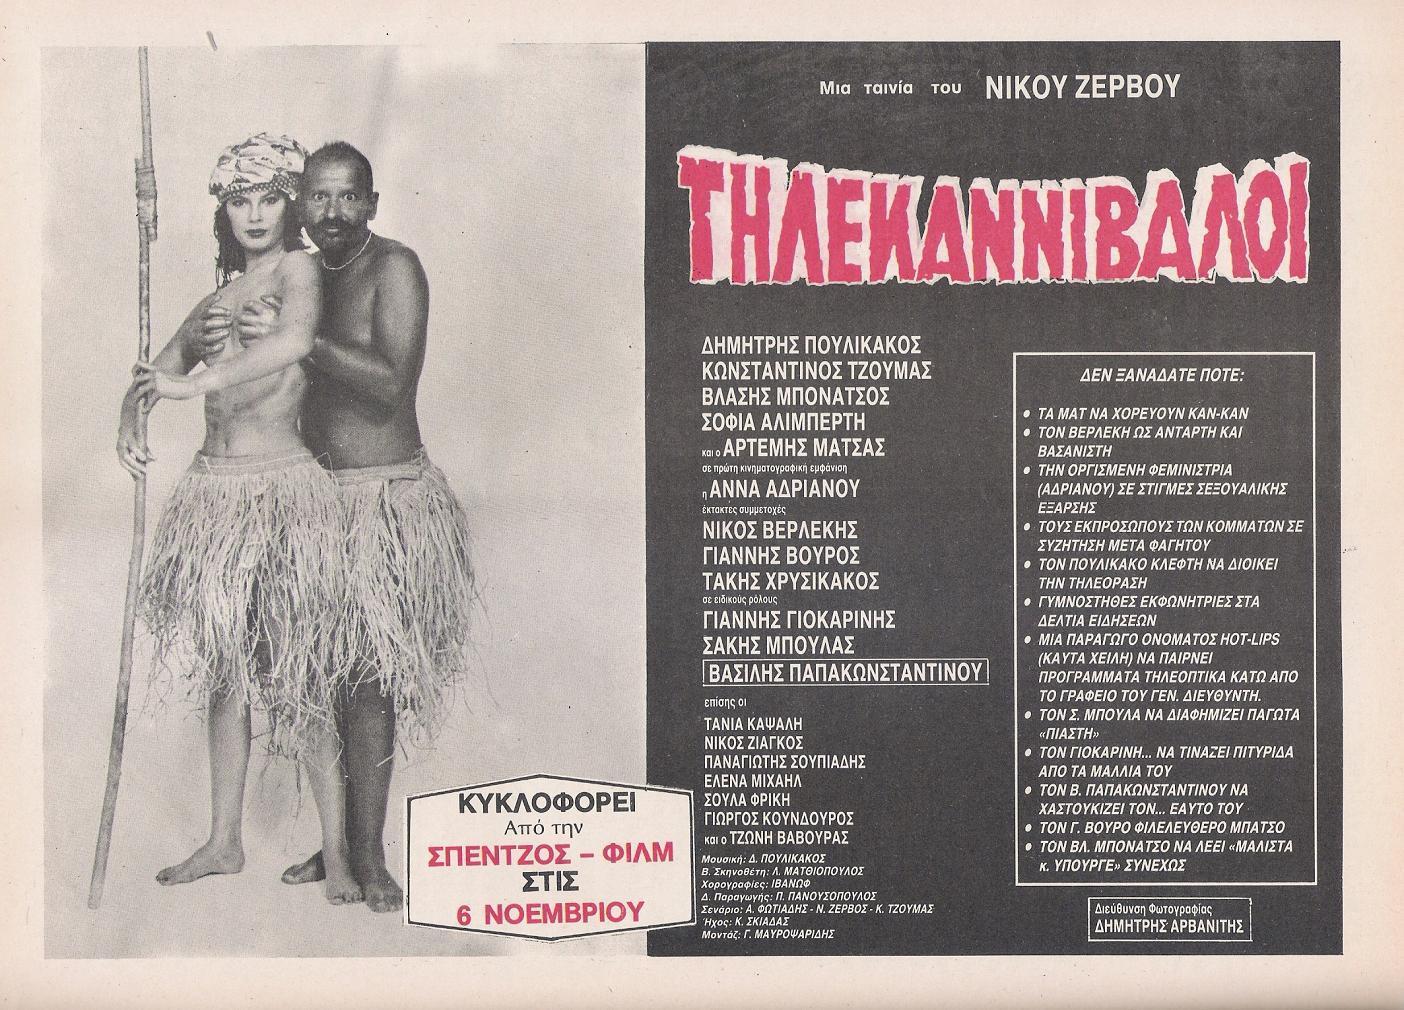 Dimitris Poulikakos in Tile-kannivaloi (1986)